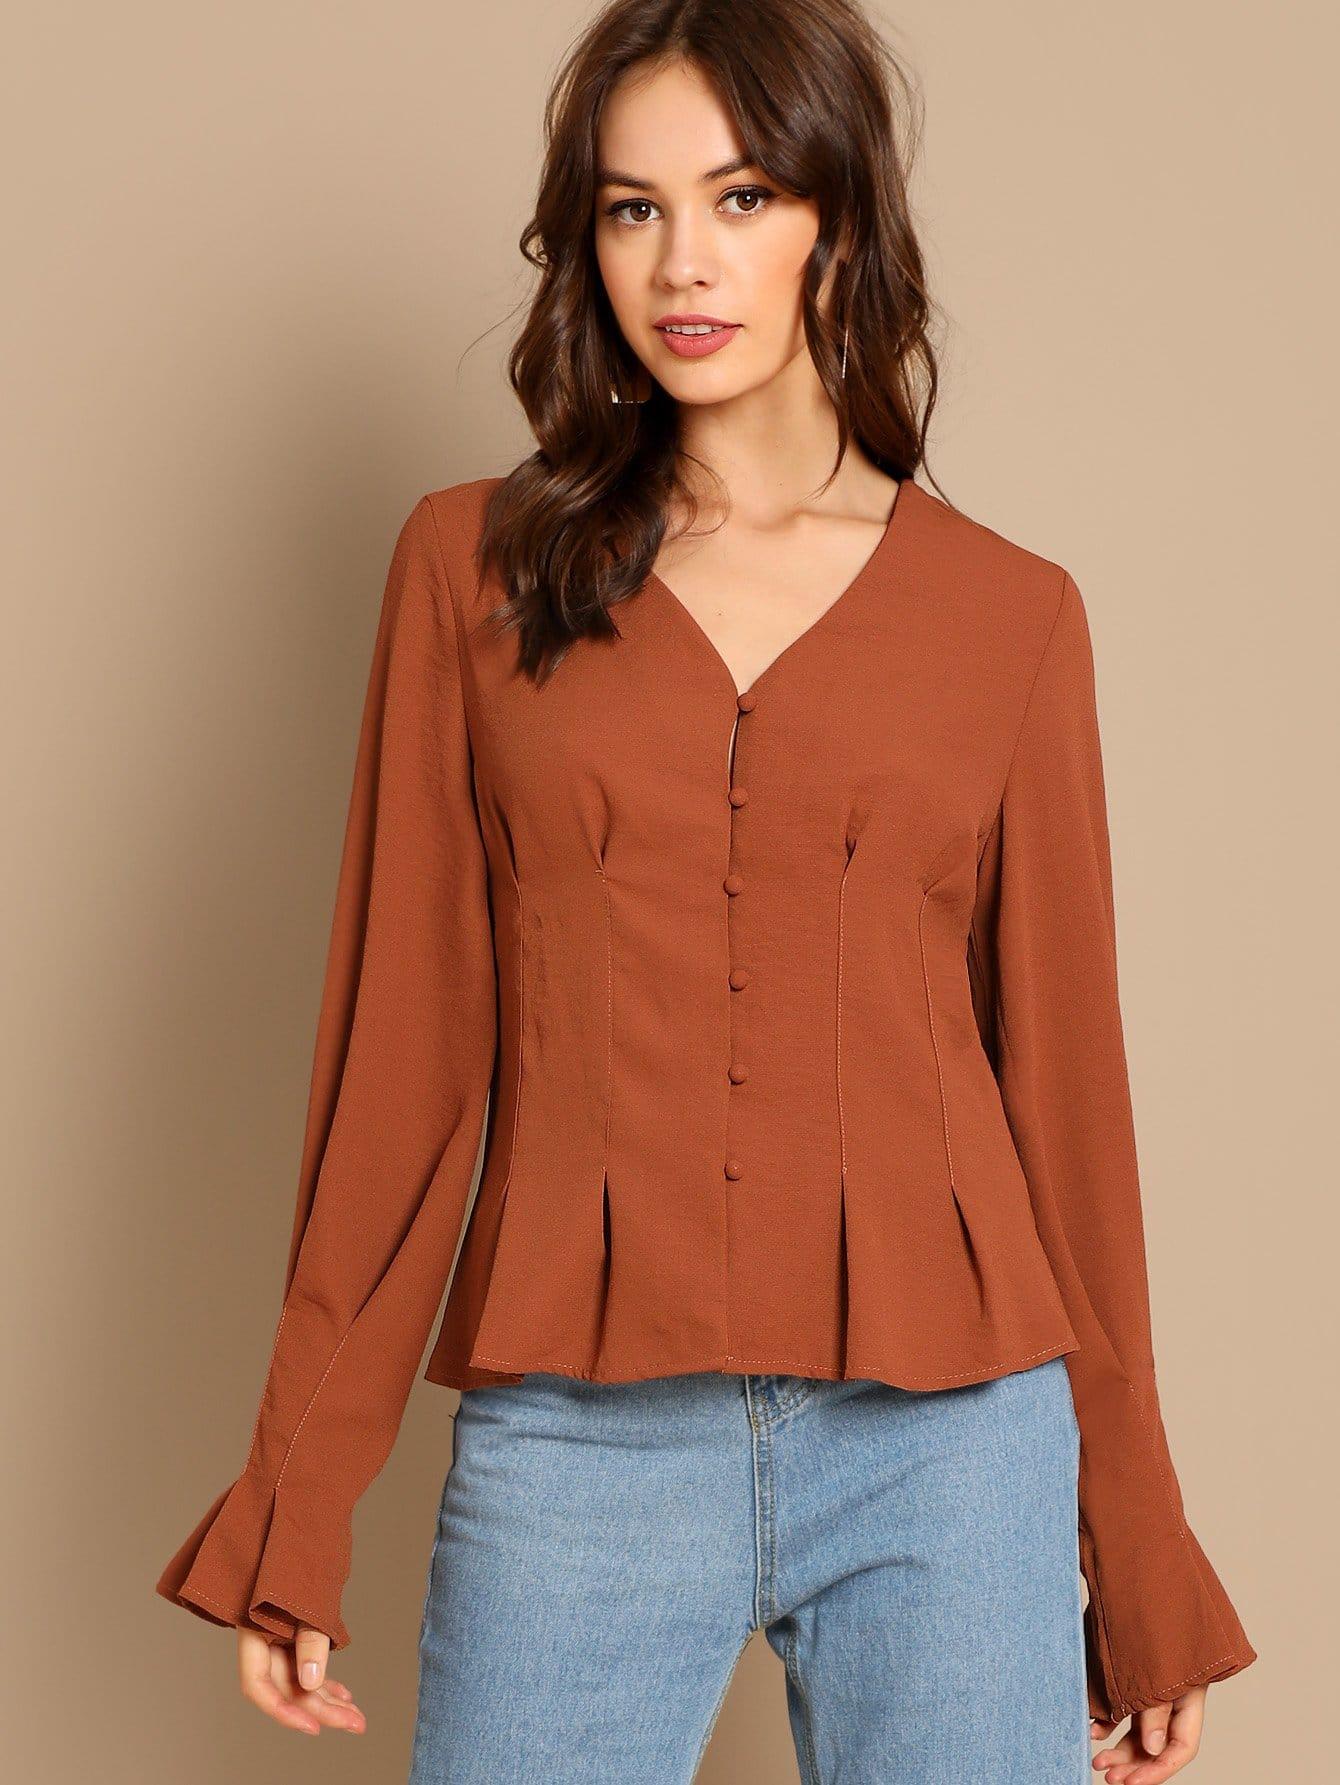 SHEINButton Up Peplum Shirt